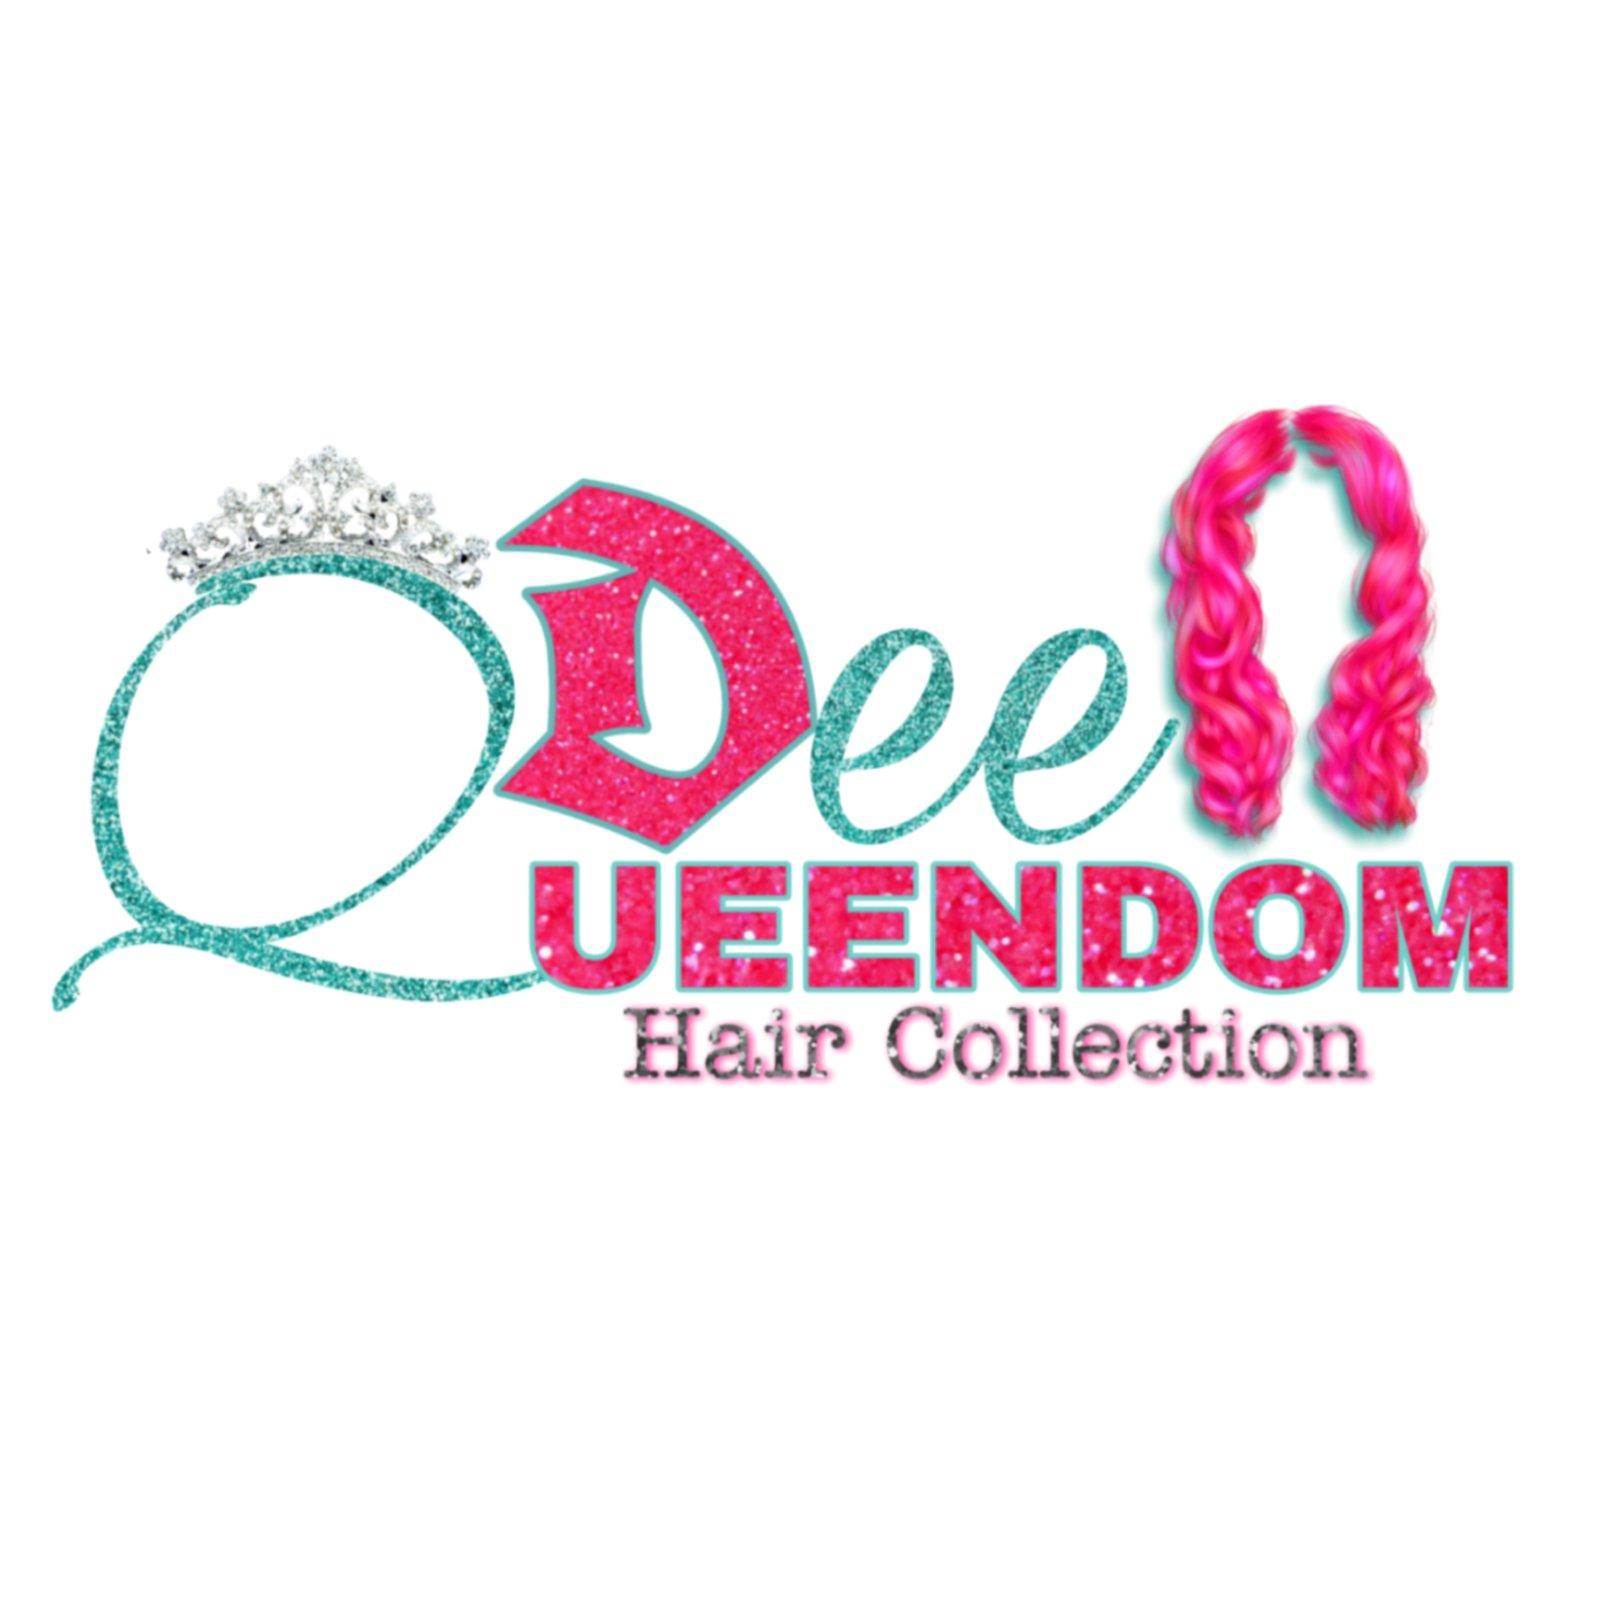 DEE QUEENDOM HAIR COLLECTION & COSMETICS 's account image